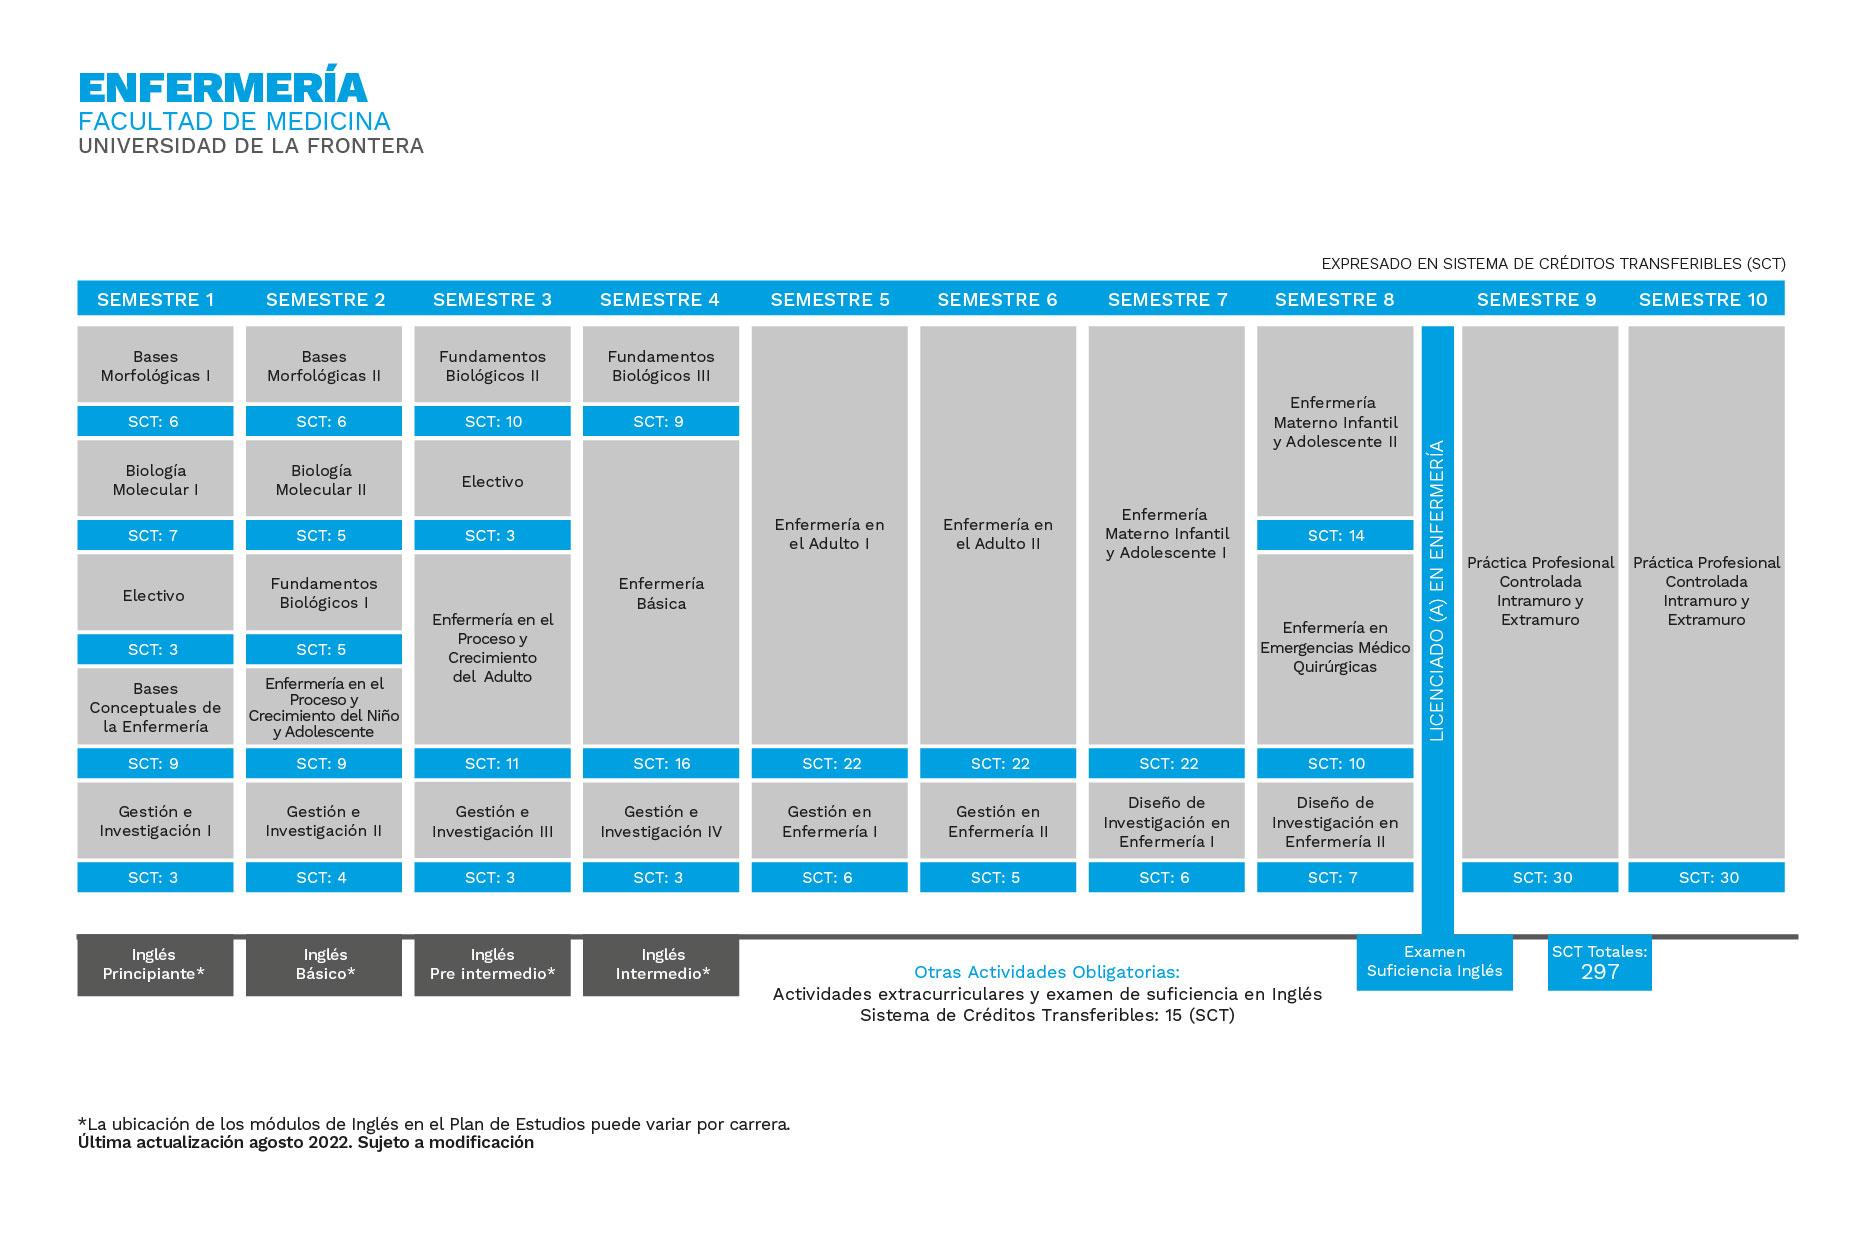 Plan de Estudios Enfermería Universidad de La Frontera